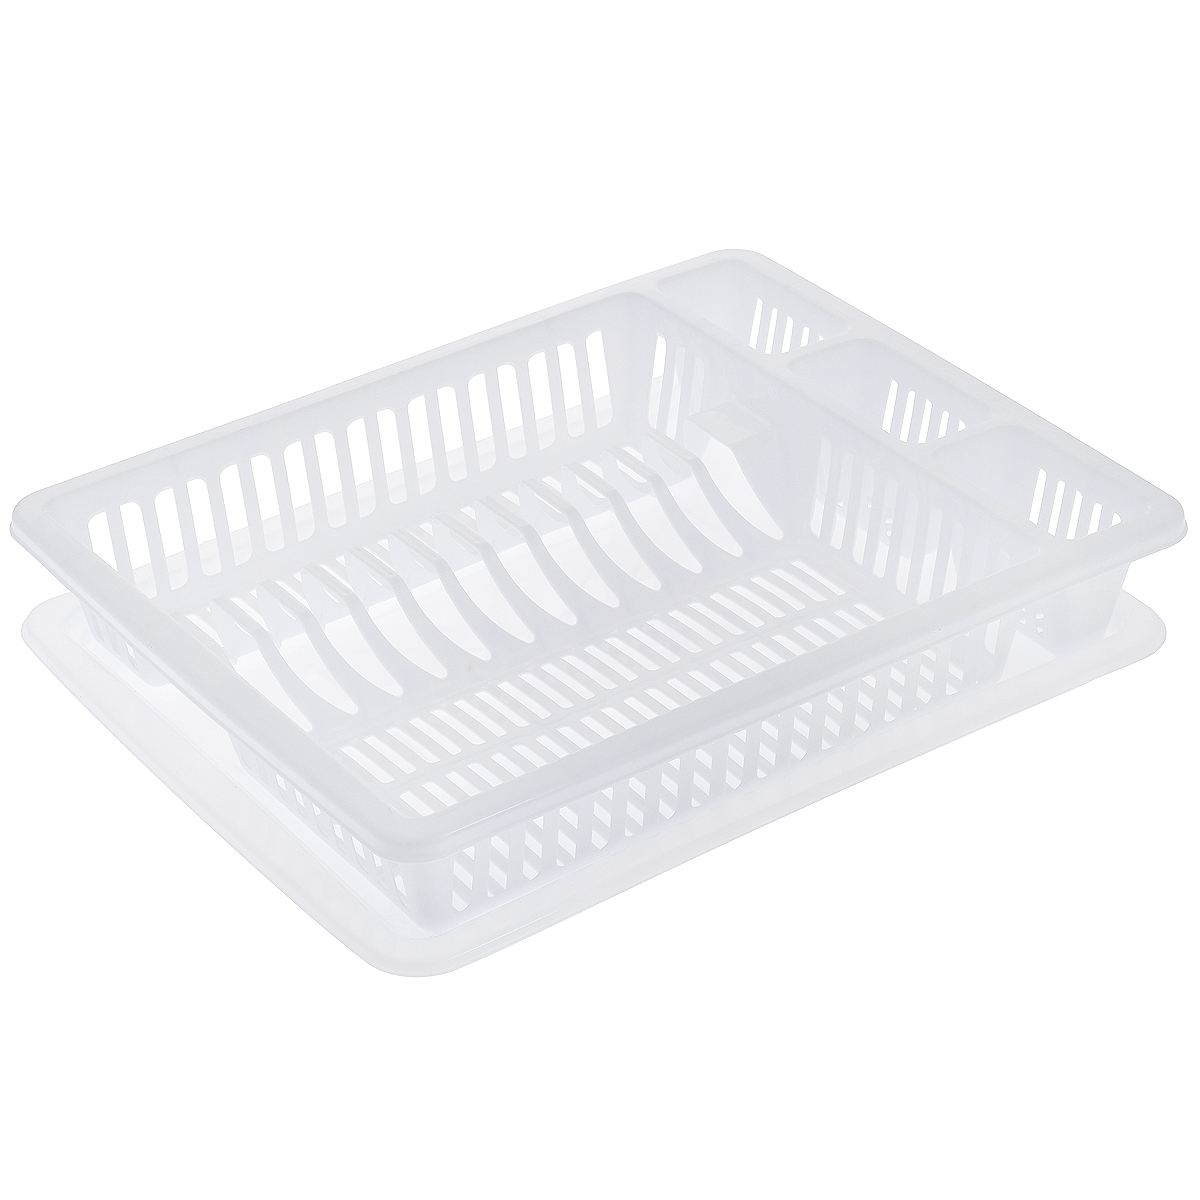 Сушилка для посуды Dunya Plastik, с поддоном, цвет: белый, 46 см х 37 см х 9 см4630003364517Сушилка Dunya Plastik, выполненная из прочного пластика, представляет собой решетку с ячейками, в которые помещается посуда: тарелки, кружки, ложки, ножи. Изделие оснащено пластиковым поддоном для стекания воды. Сушилка Dunya Plastik не займет много места на вашей кухне, а вы сможете разместить на ней большое количество предметов. Компактные размеры и оригинальный дизайн выделяют эту сушку из ряда подобных.